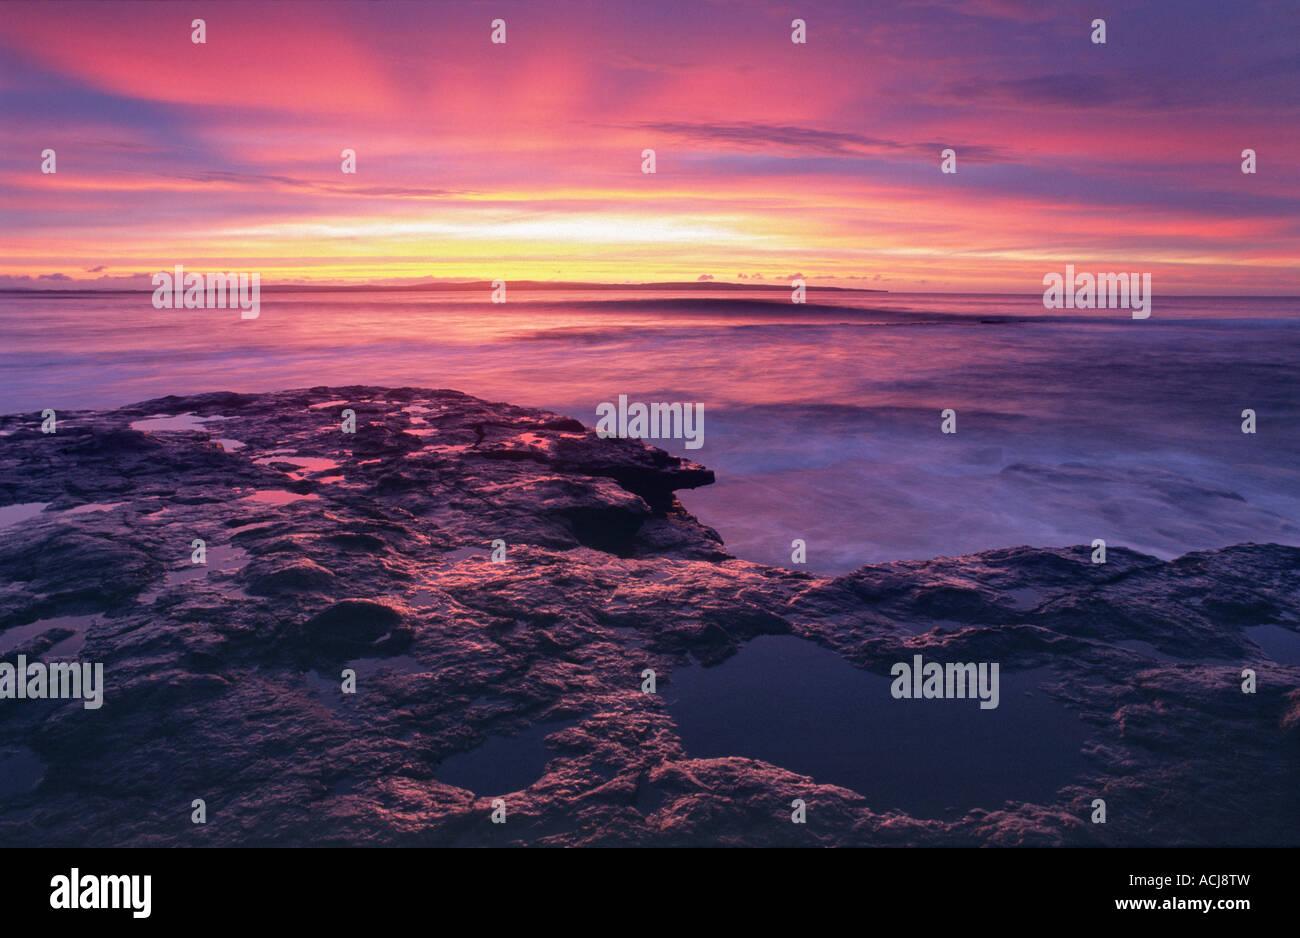 Sunset over the shore of Killala Bay, Co Sligo, Ireland. - Stock Image